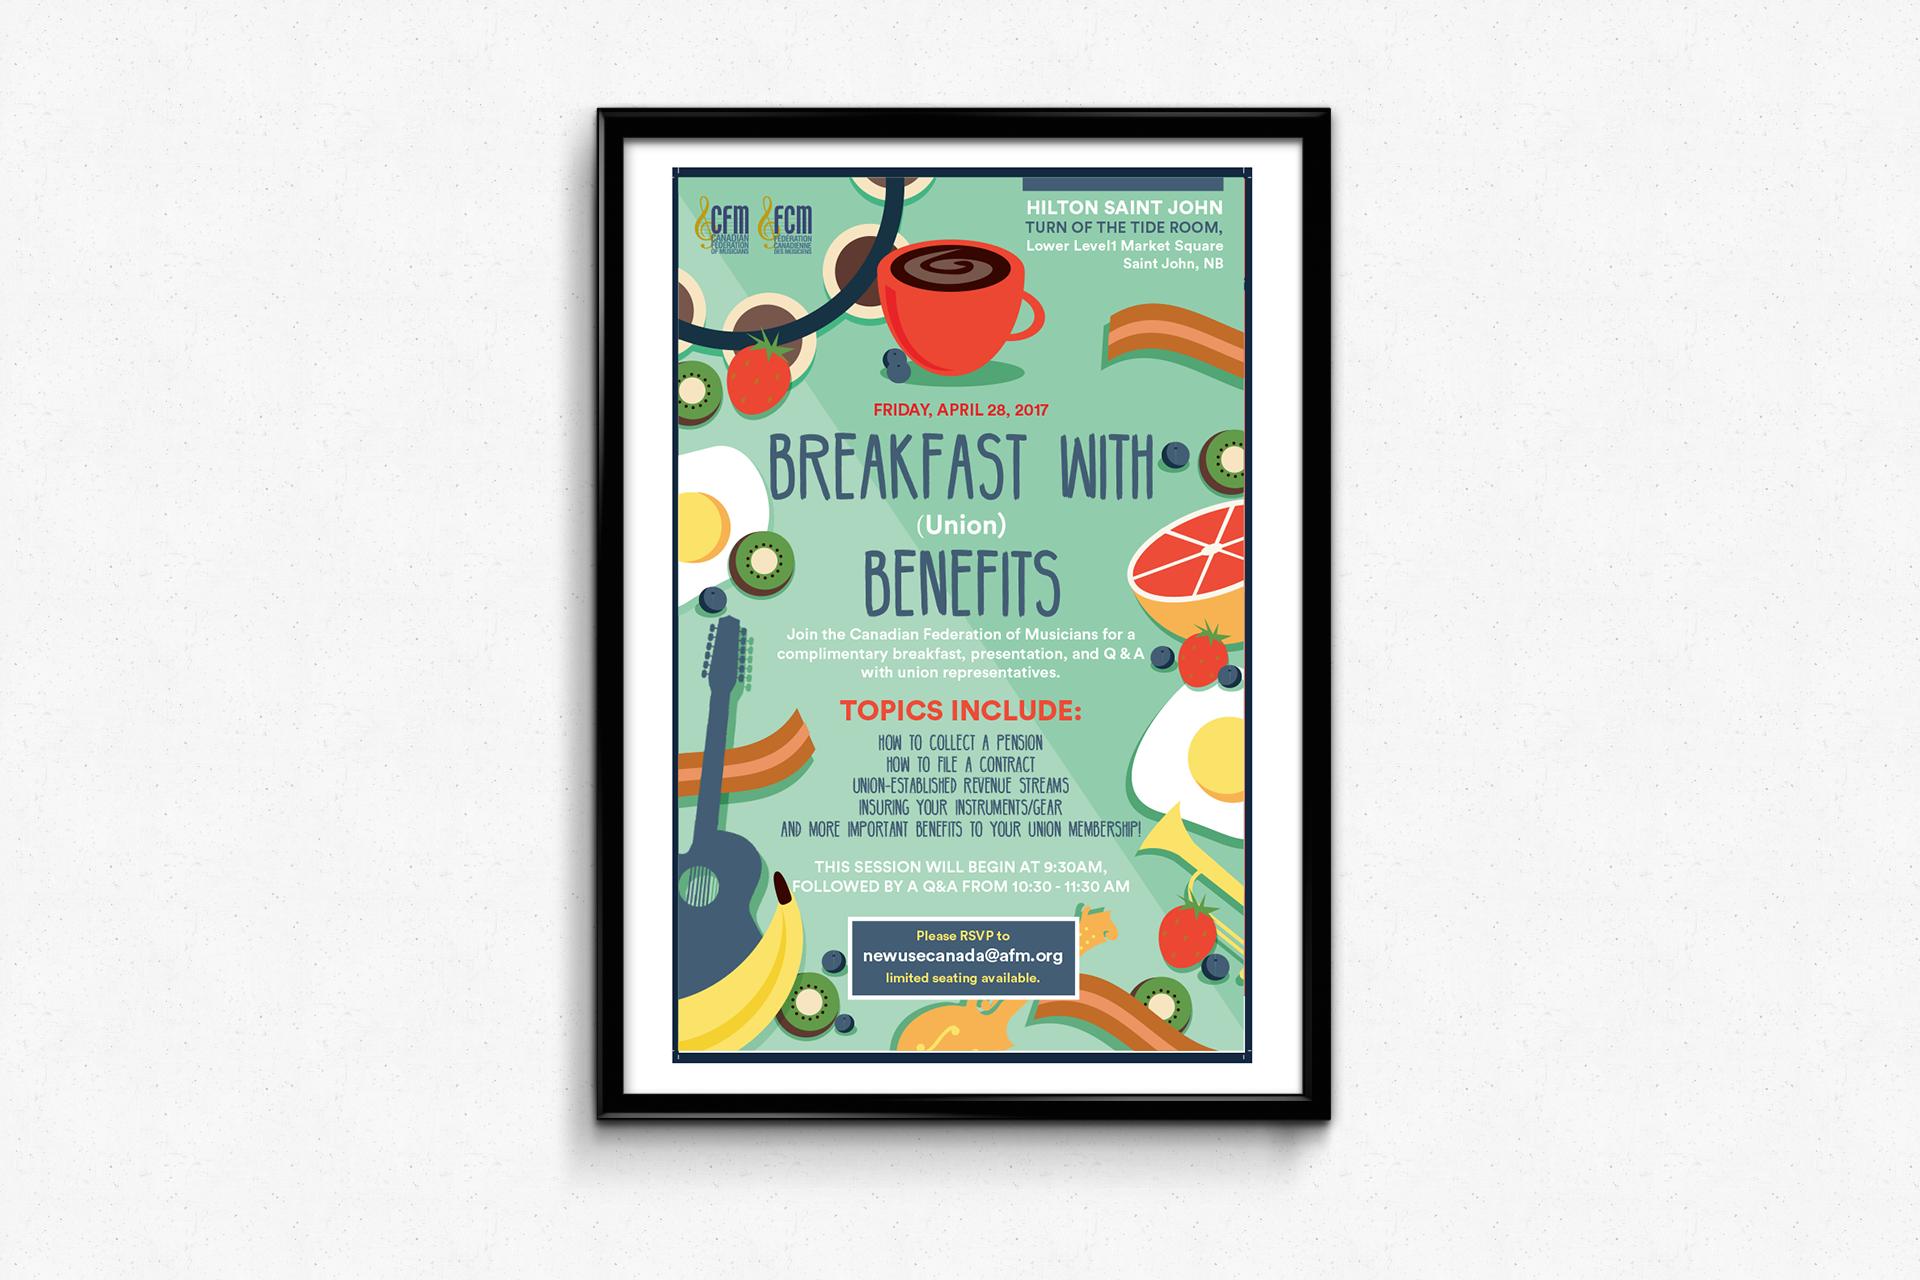 CFM Breakfast With Benefits